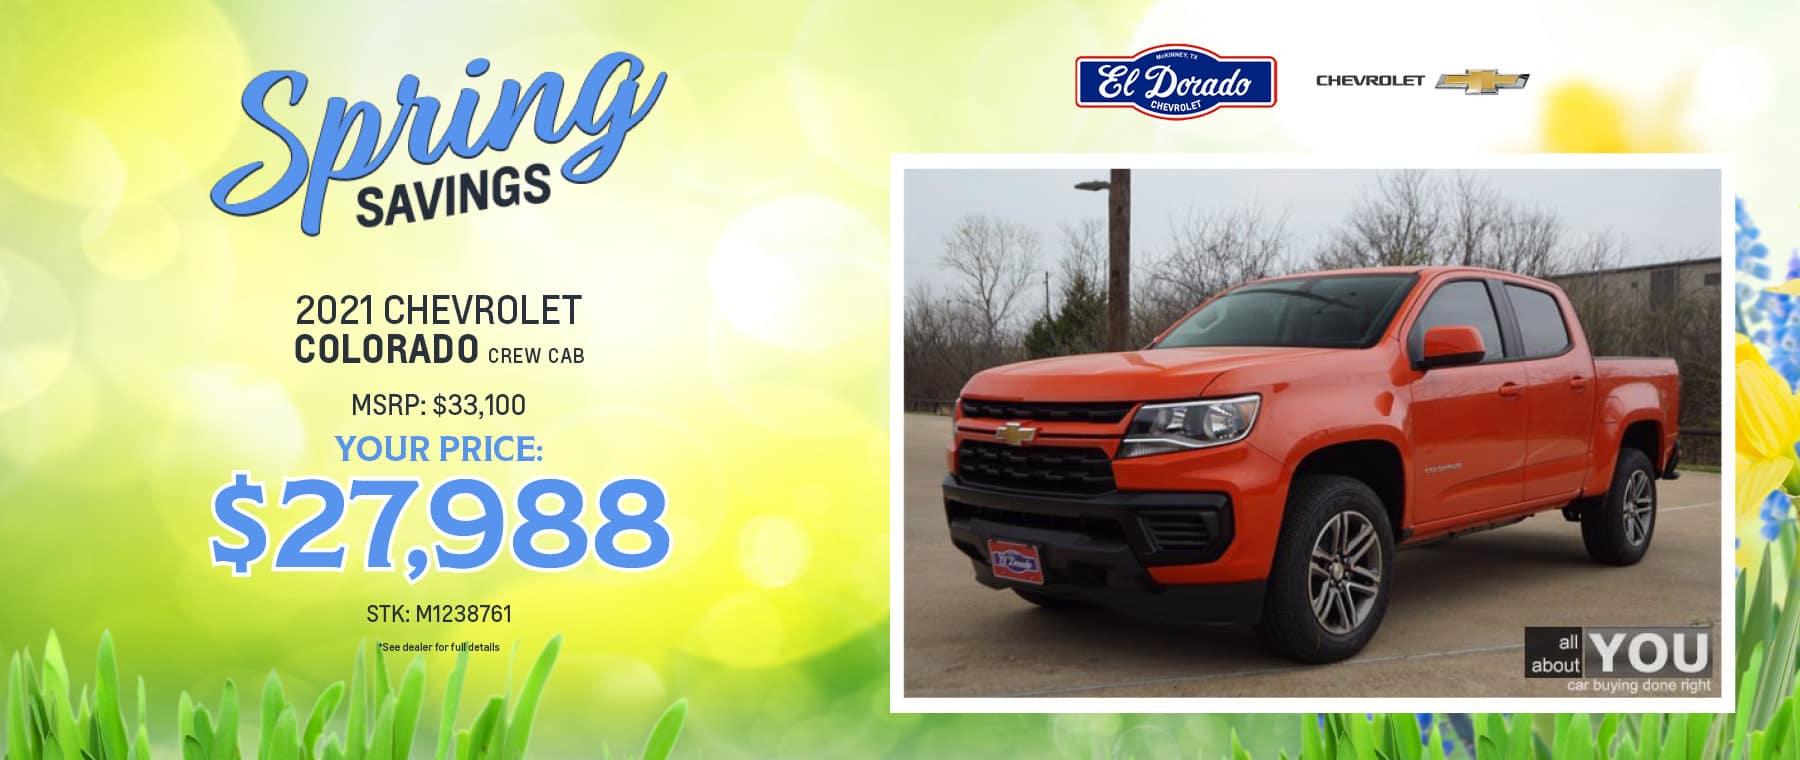 2021 Chevrolet Colorado Crew Cab Offer - El Dorado Chevrolet in McKinney, Texas